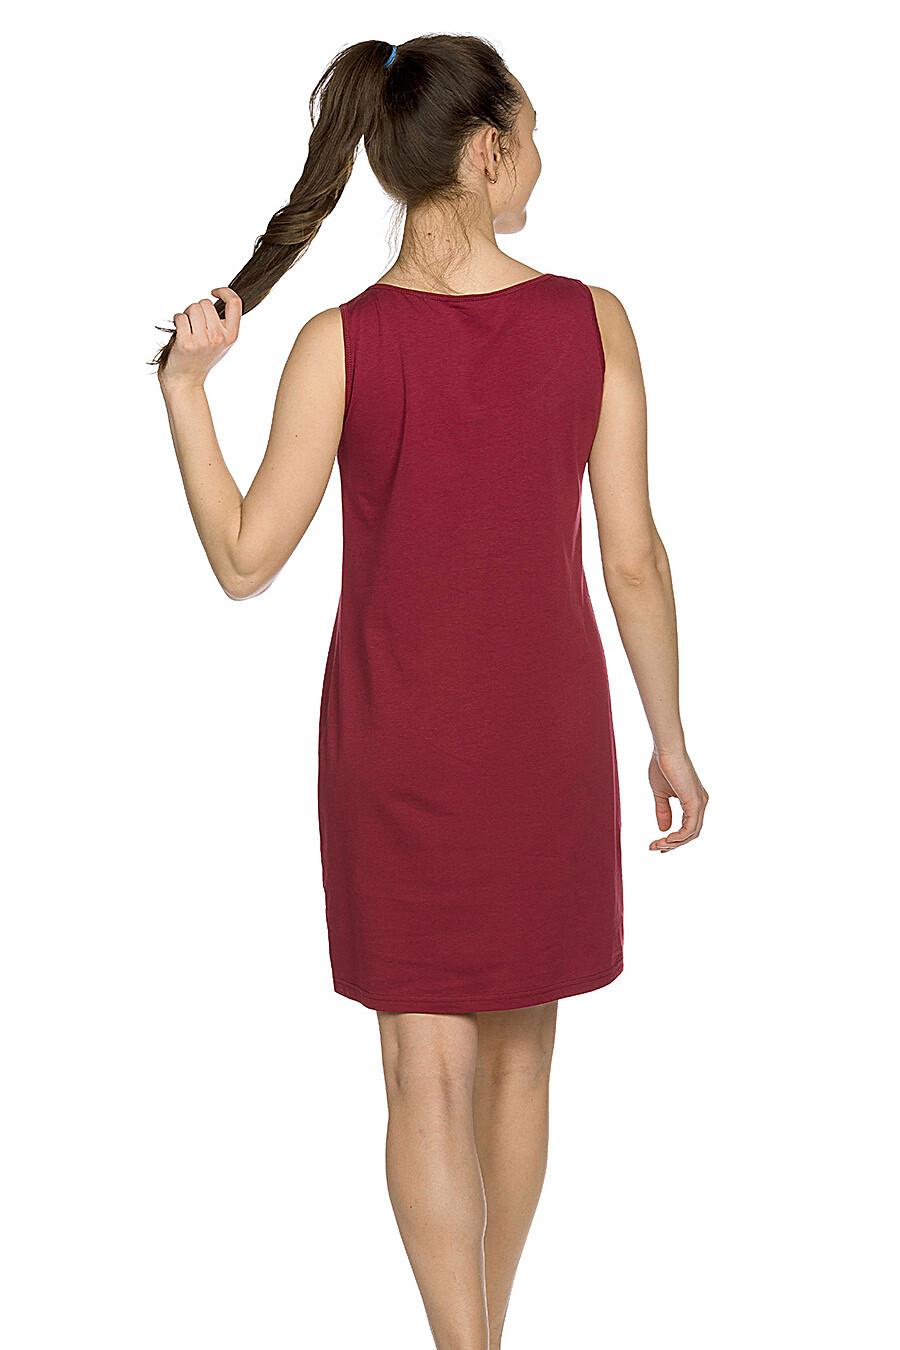 Платье для женщин PELICAN 146737 купить оптом от производителя. Совместная покупка женской одежды в OptMoyo